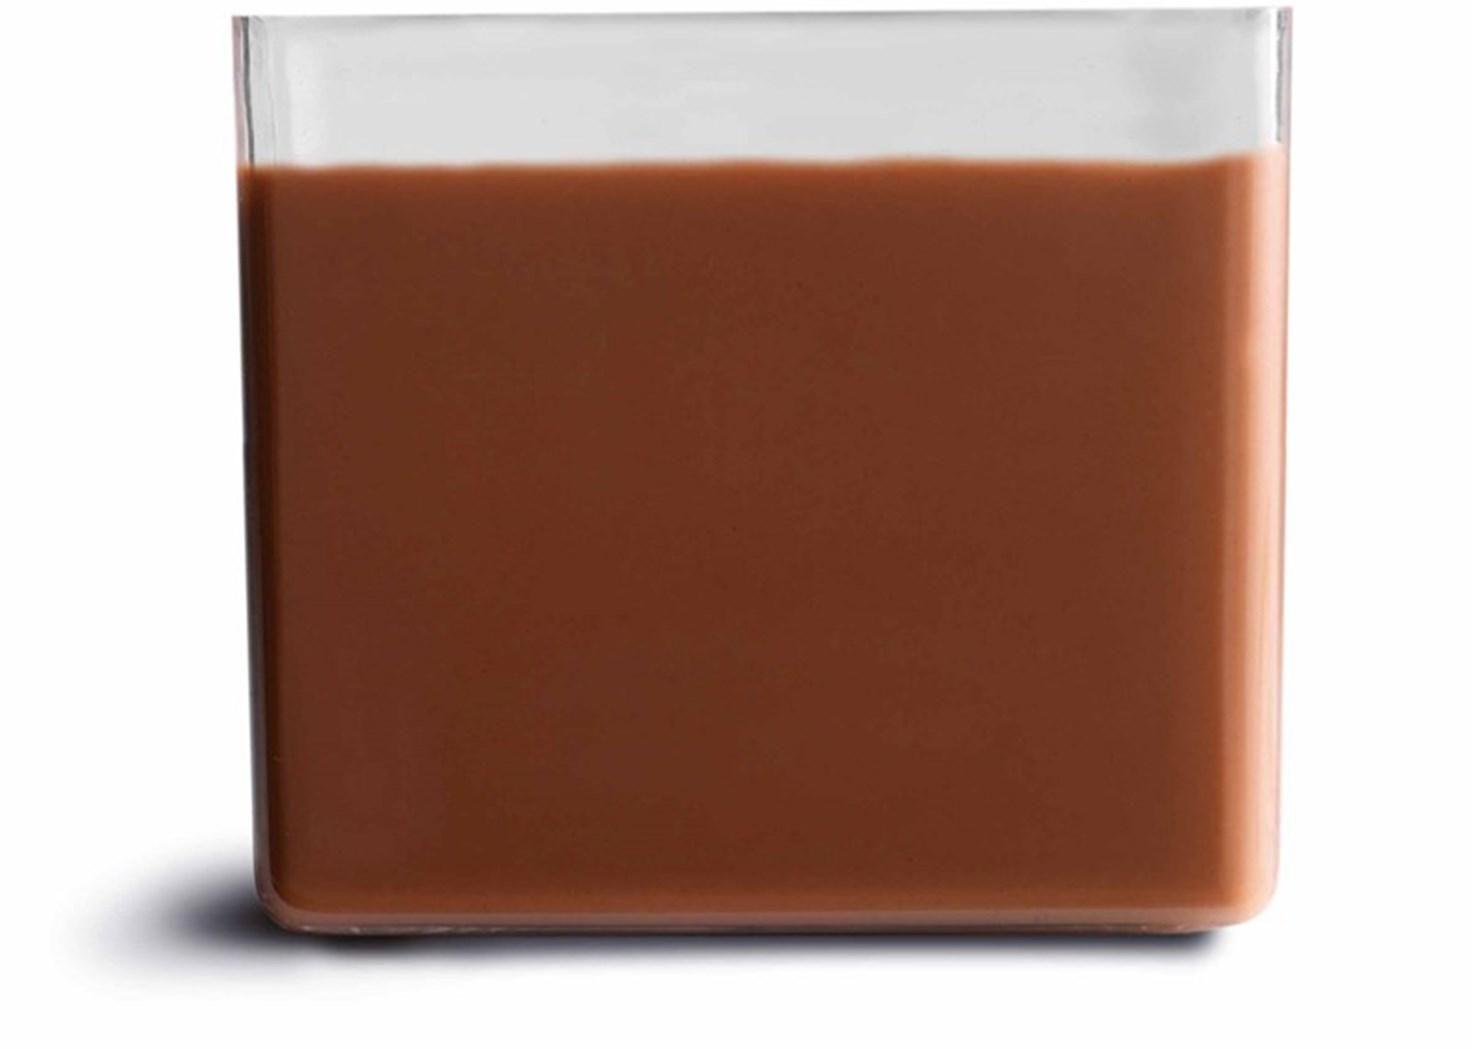 Cocolate Milk No Sedimentation (1)